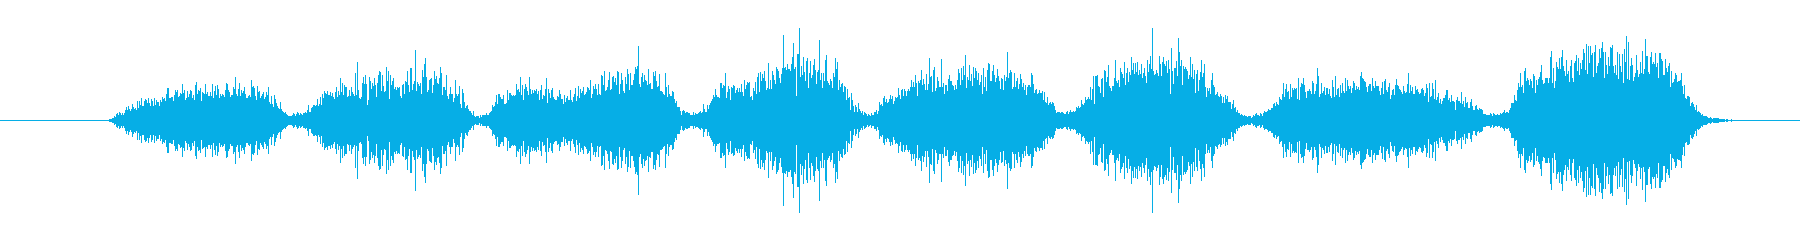 ゴシゴシ(黒板消しで字を消す、早い)の再生済みの波形